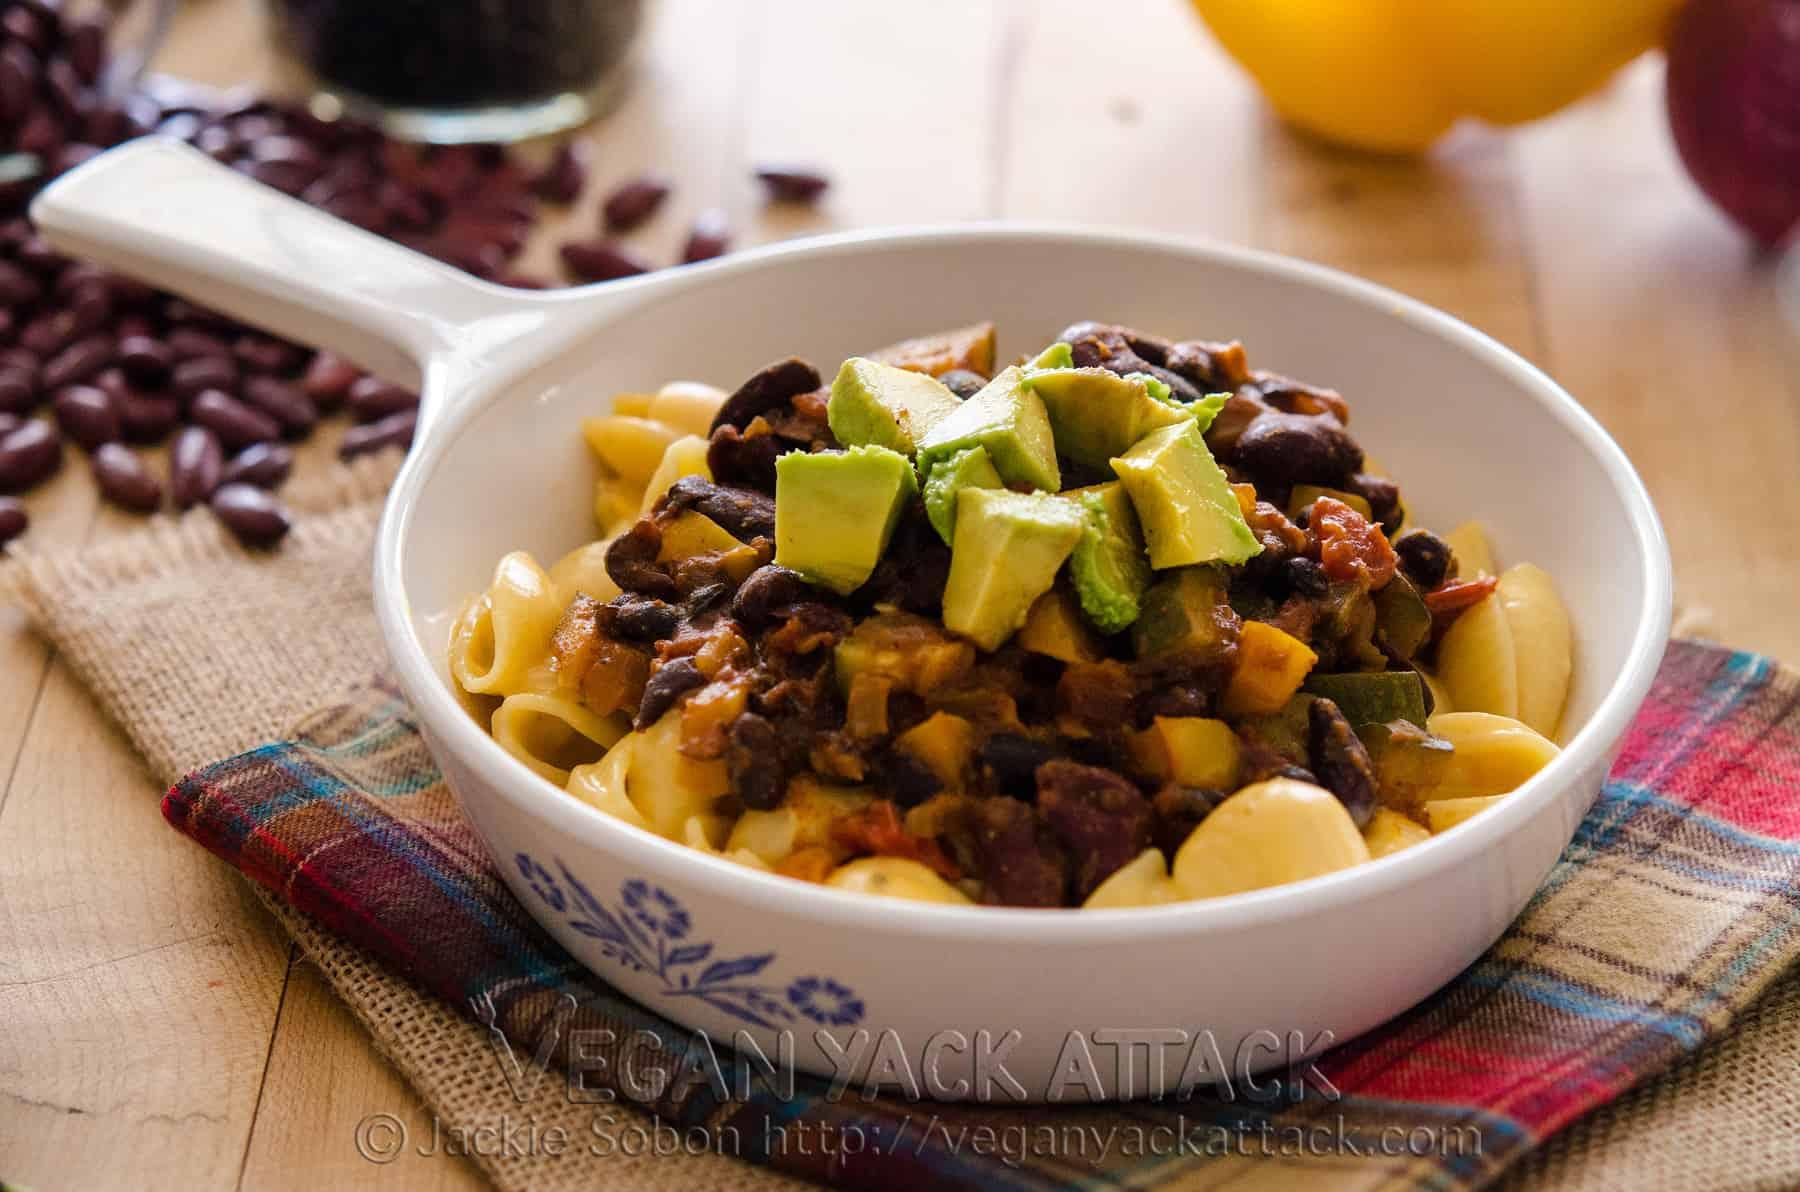 Vegan Chili Fiesta Mac n Cheese